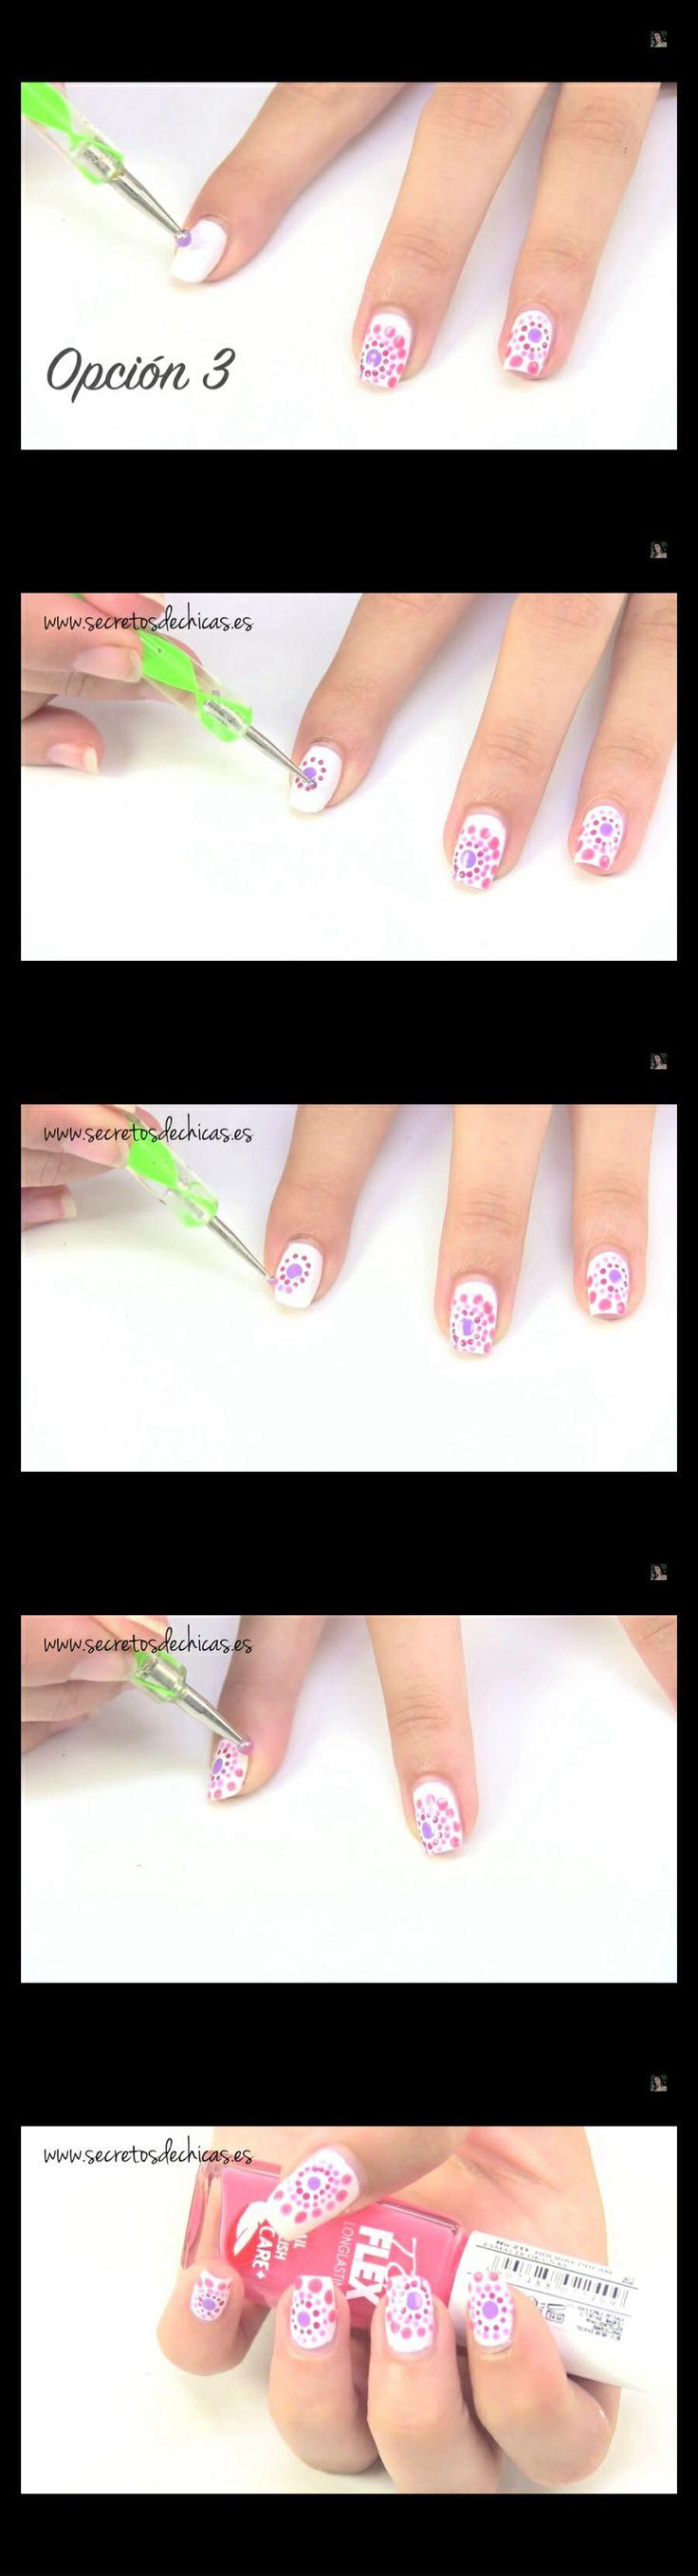 Diseño de uñas con puntos #secretosdechicas